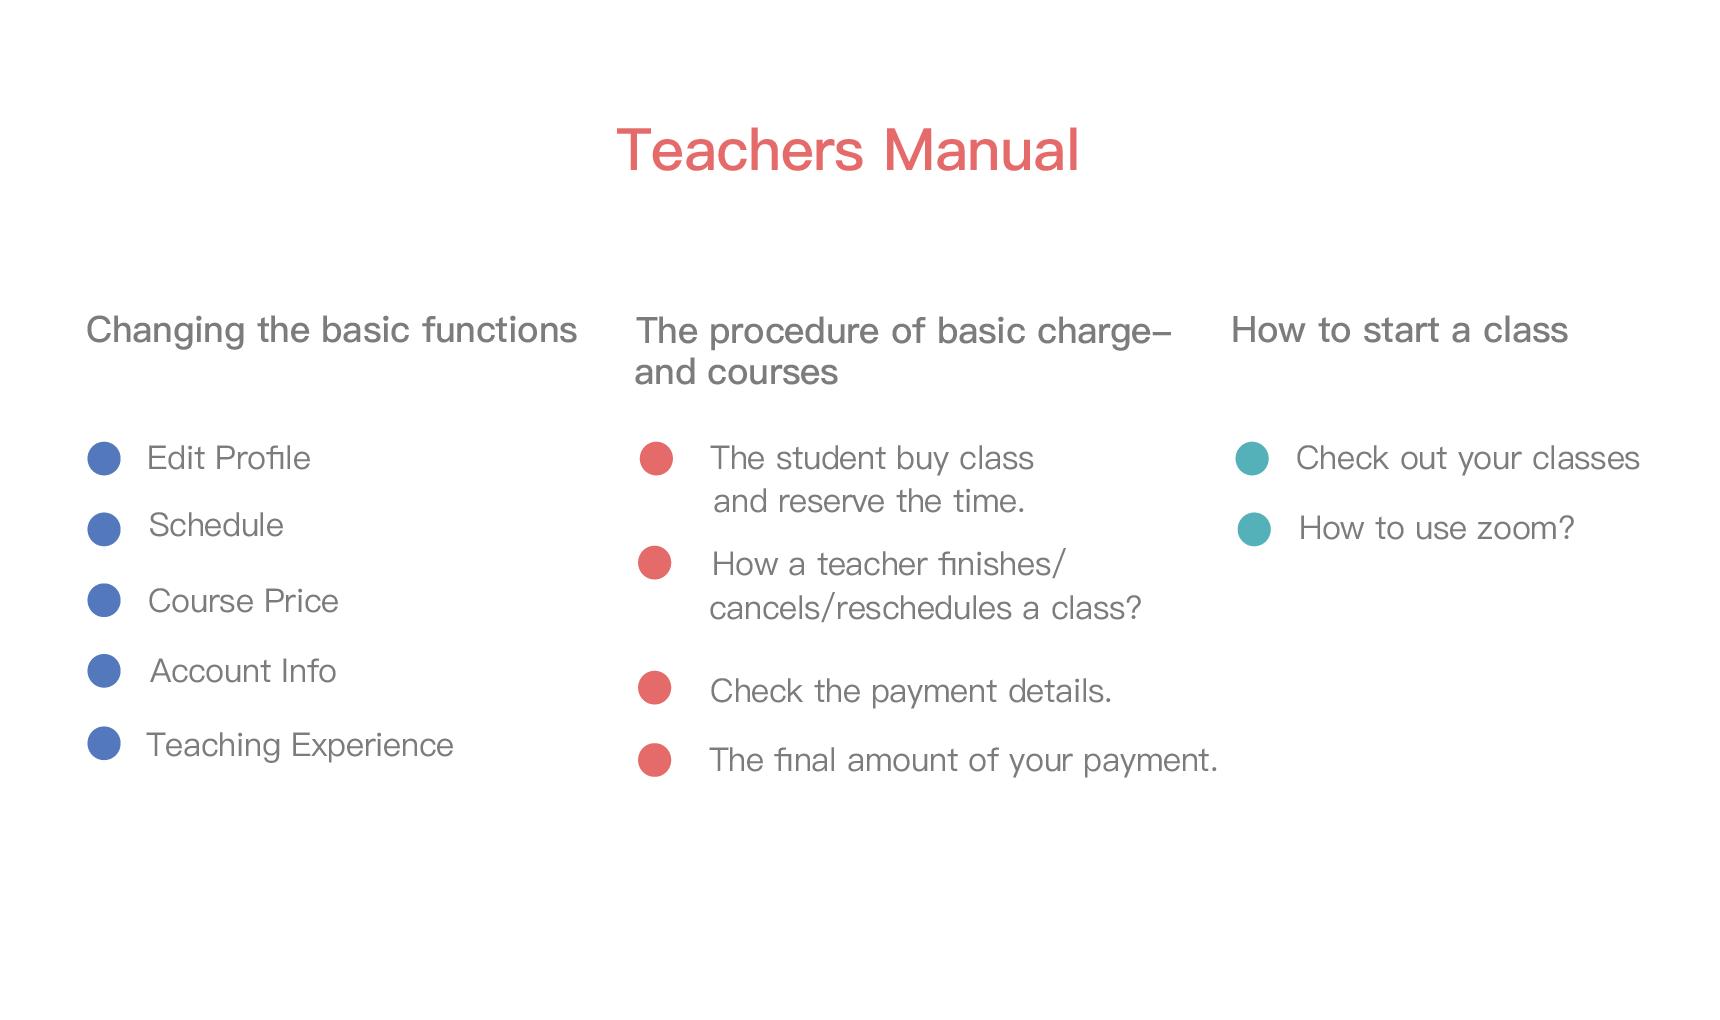 教師手冊英文目錄.jpg